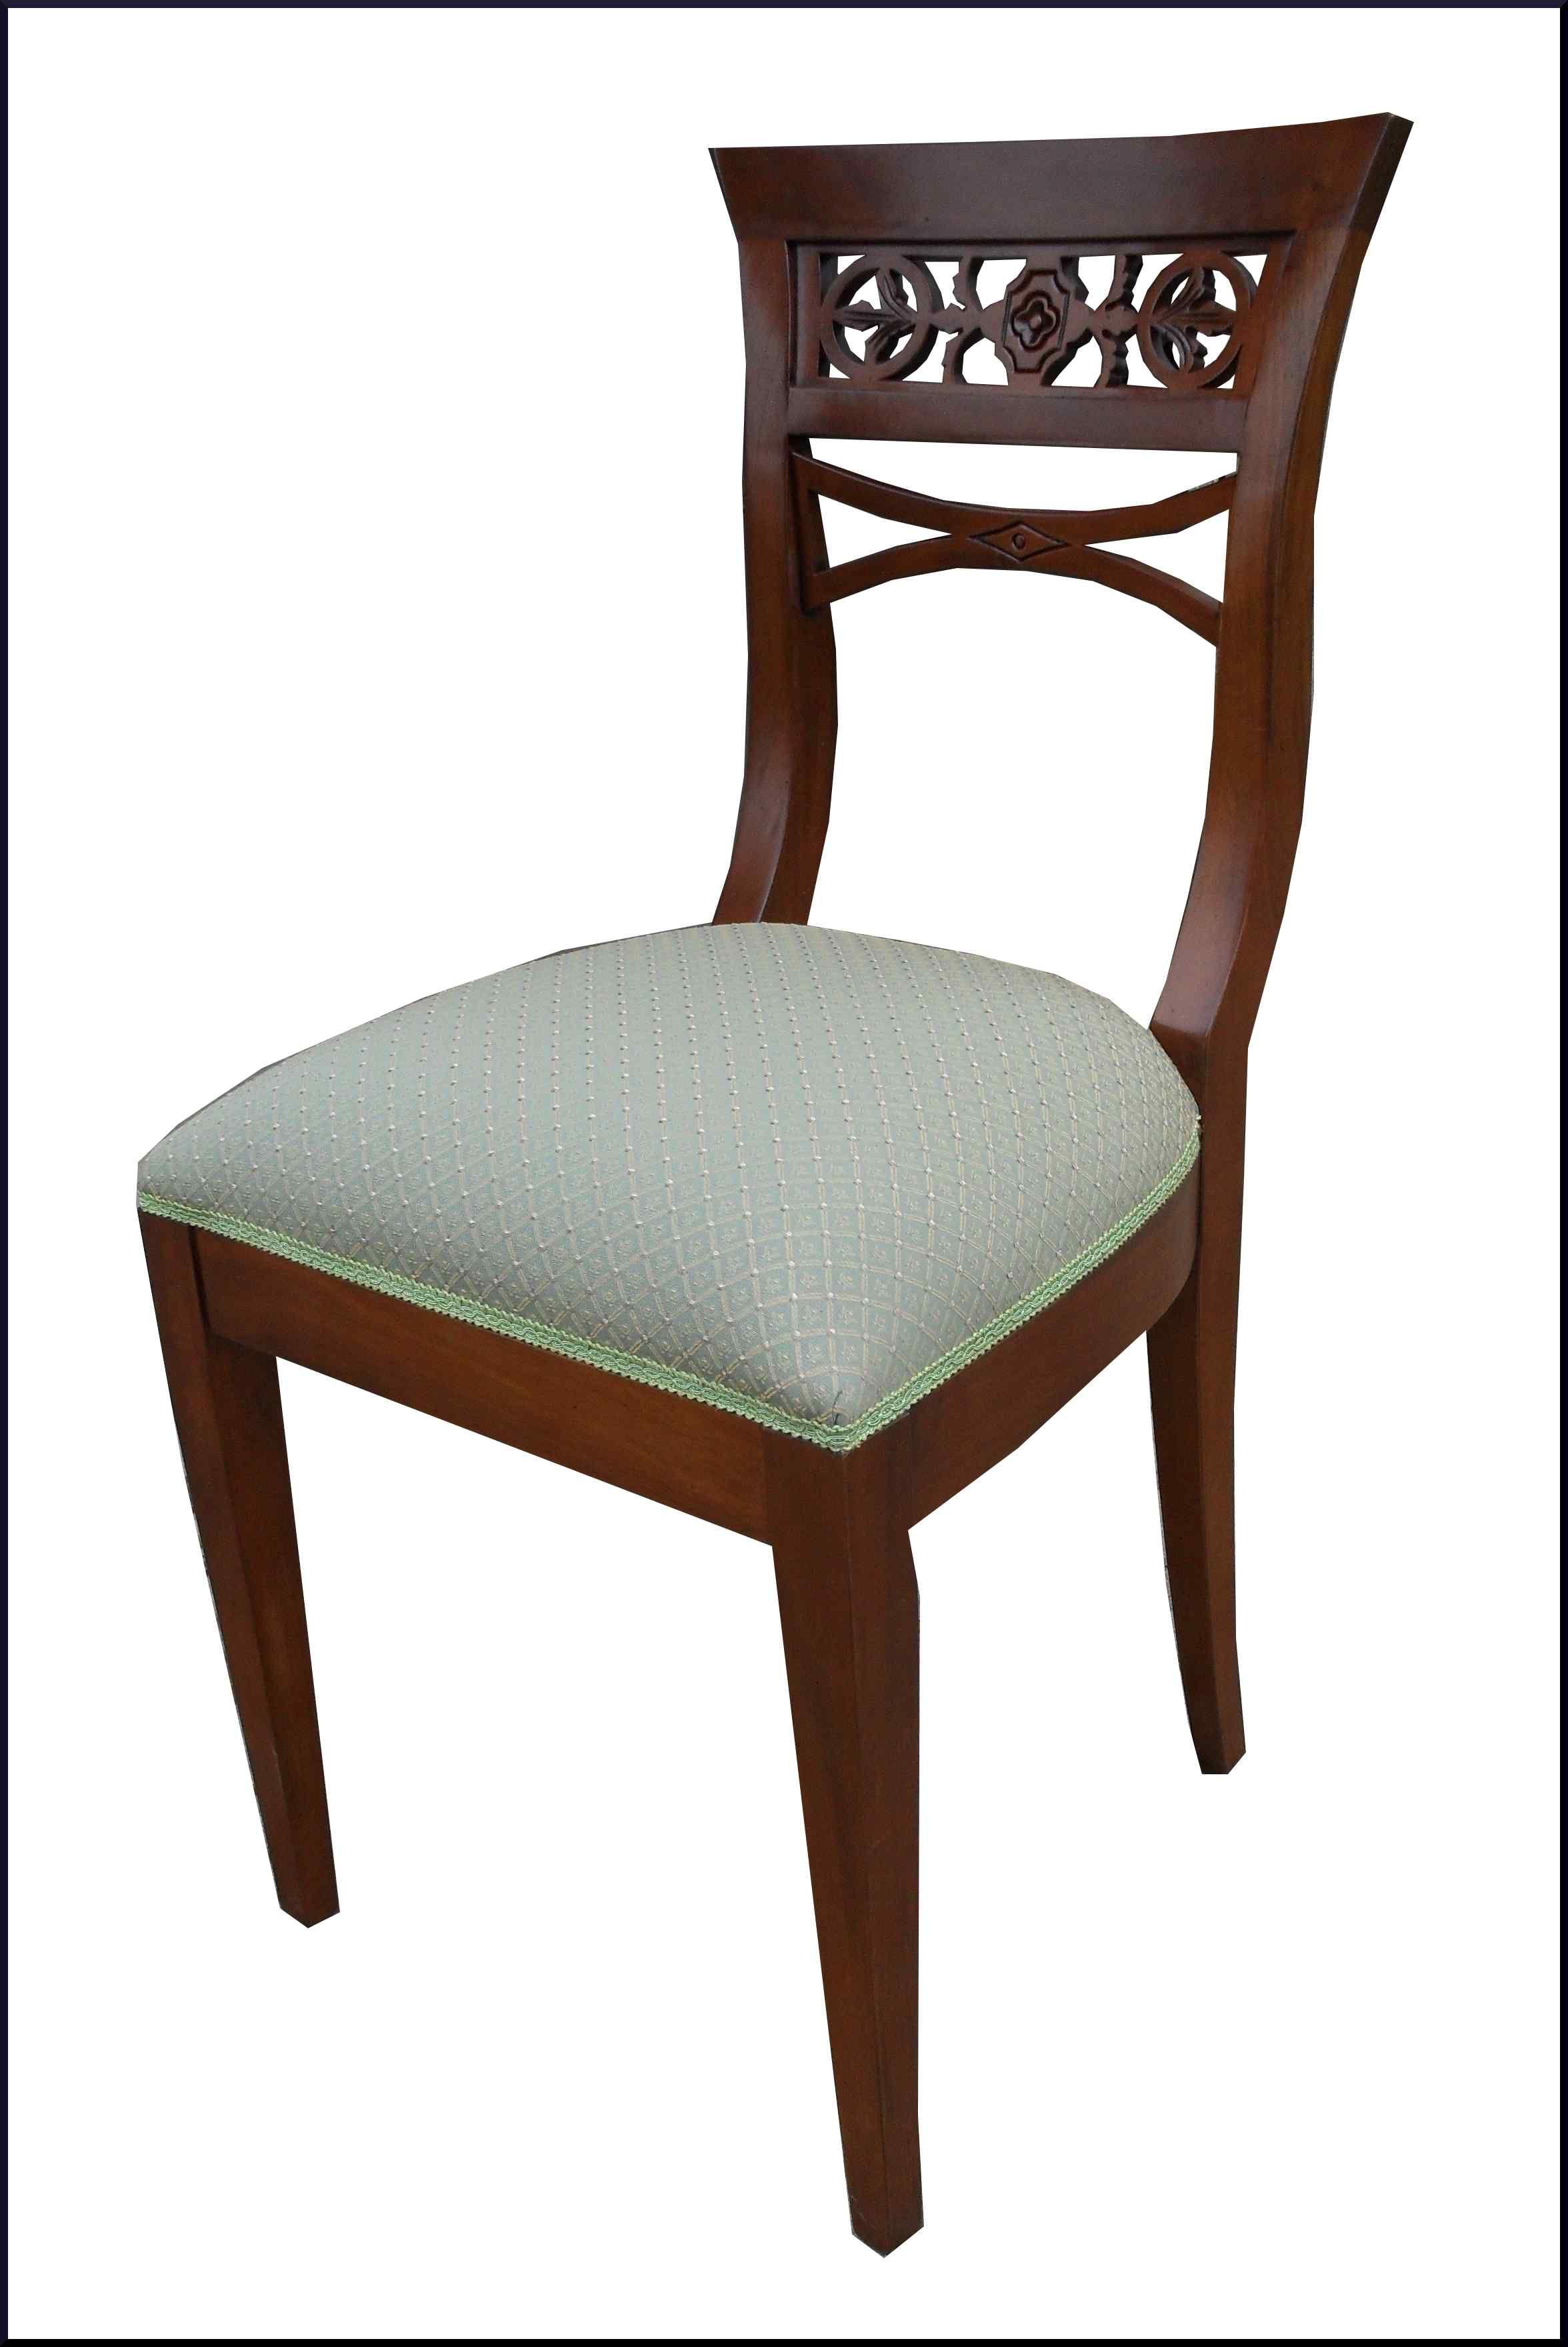 Sedia classica con schienale traforato   Idee per la casa ...